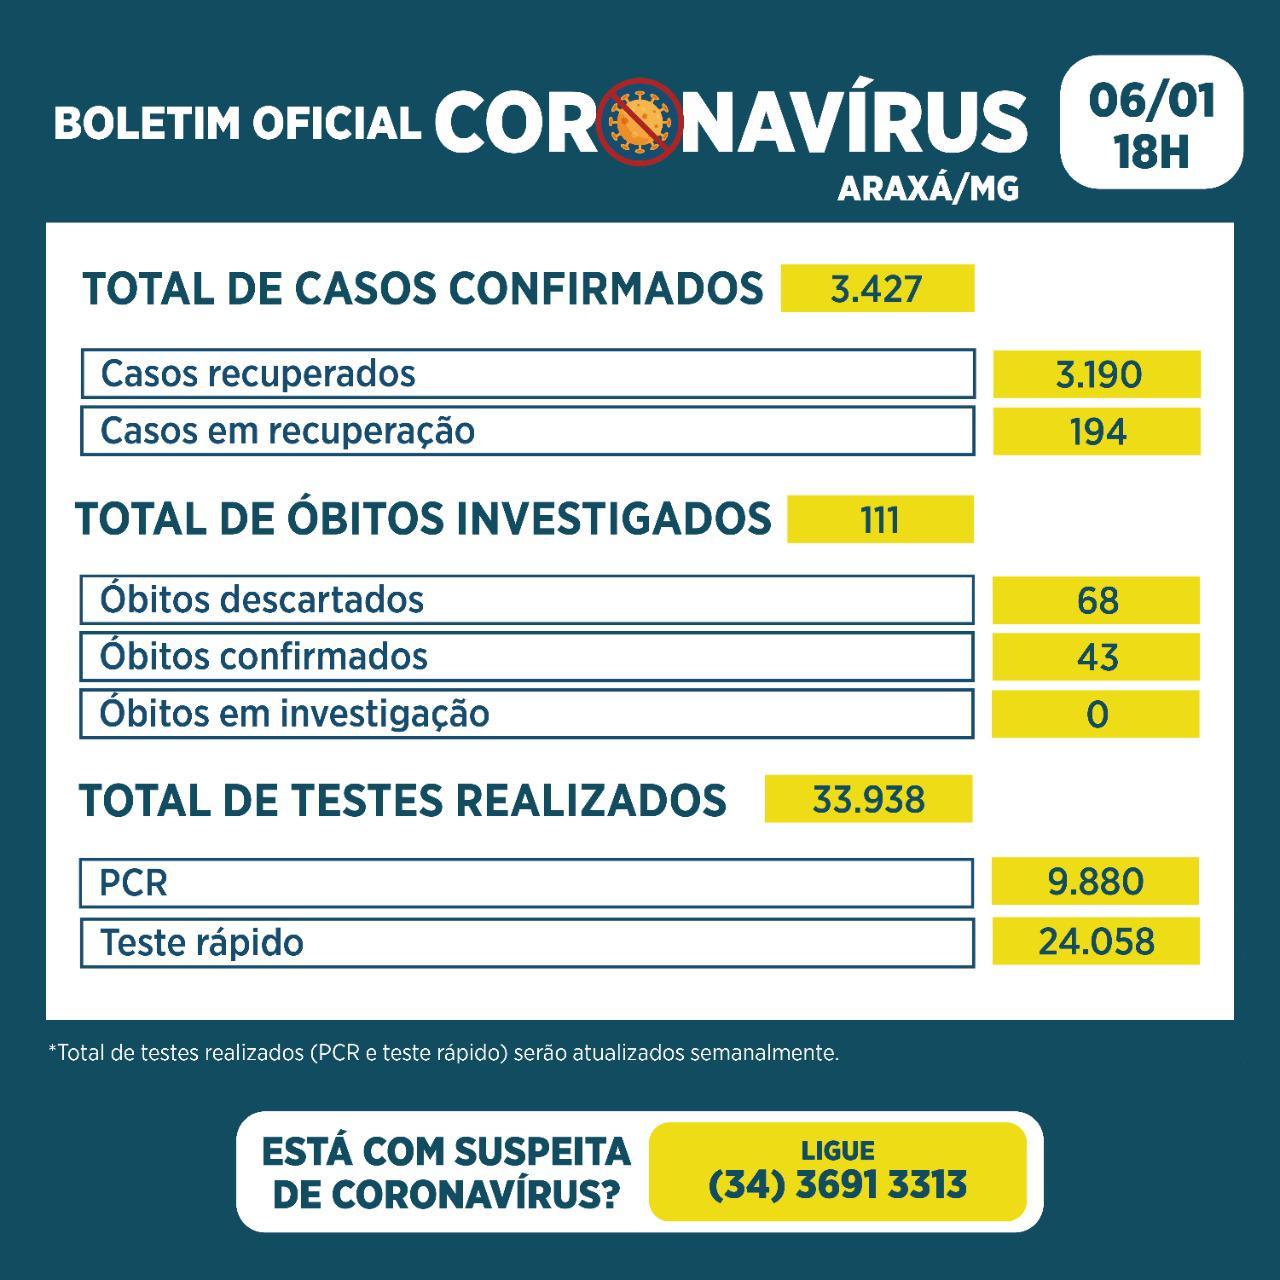 Boletim registra 44 novos casos de Covid-19 e 21 recuperados nas últimas 24h 2